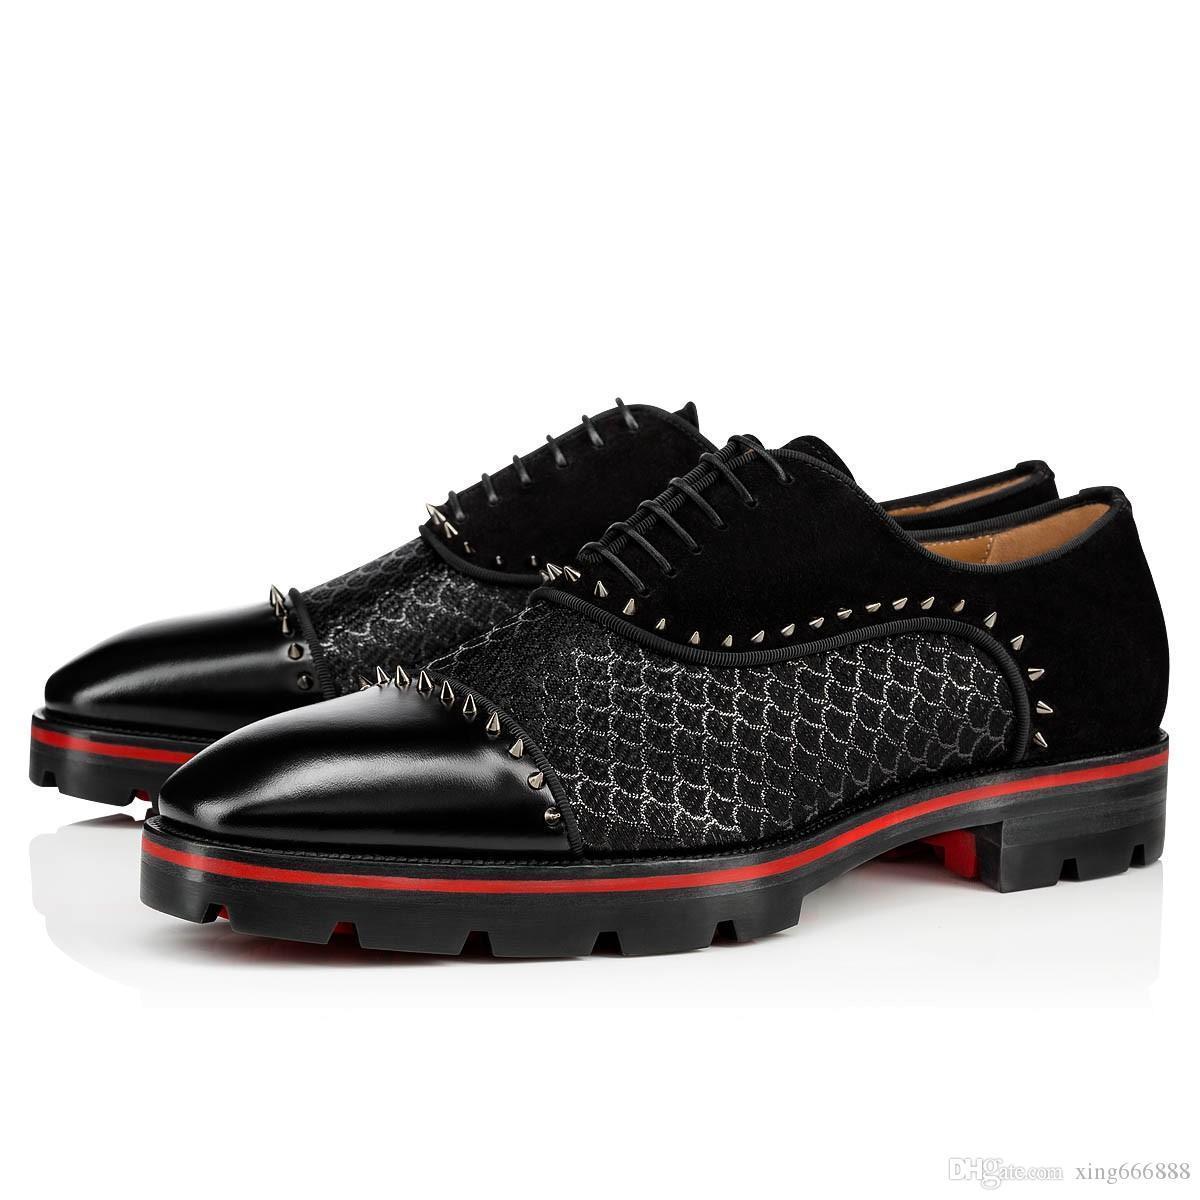 الترفيه شقق جلدية شهم أحذية الأحمر أسفل أوكسفورد متعطل فاخر الخف صور المطاط النعال جلد طبيعي مع إبزيم الحذاء سوبر